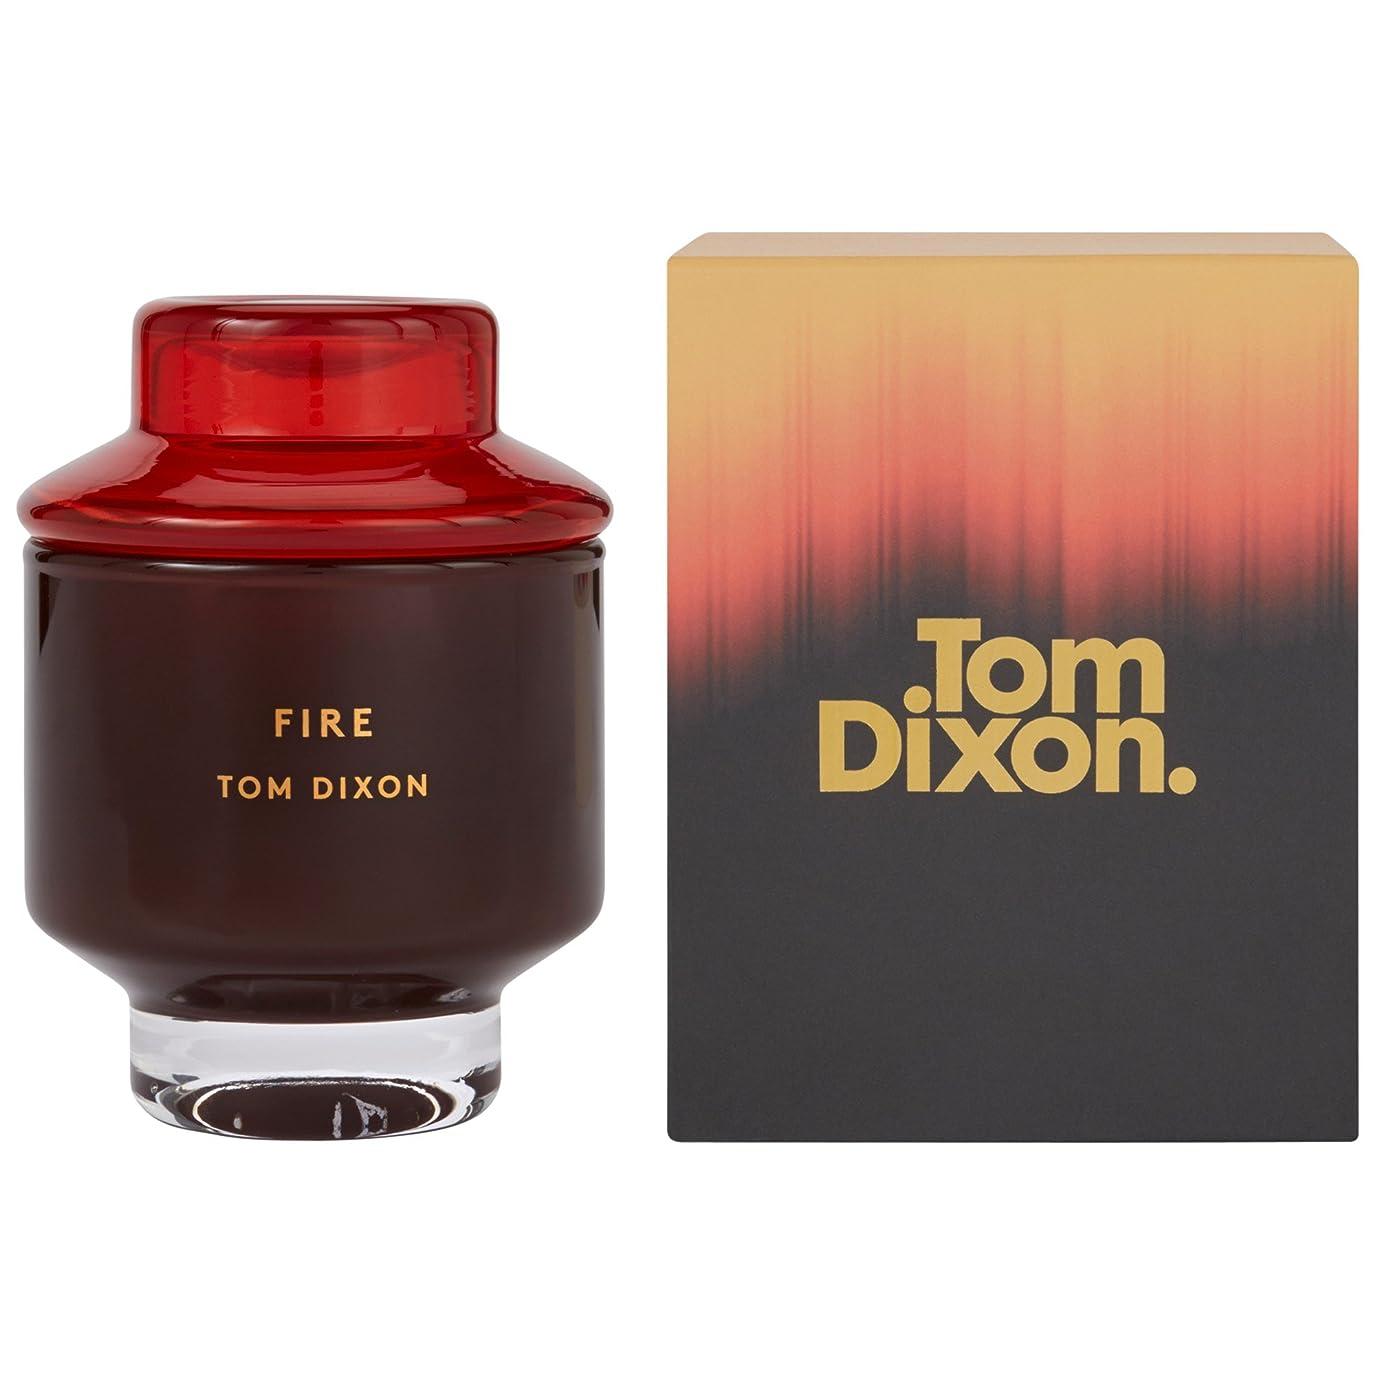 ジャケット葉っぱ非公式トム?ディクソン火災香りのキャンドル媒体 x6 - Tom Dixon Fire Scented Candle Medium (Pack of 6) [並行輸入品]